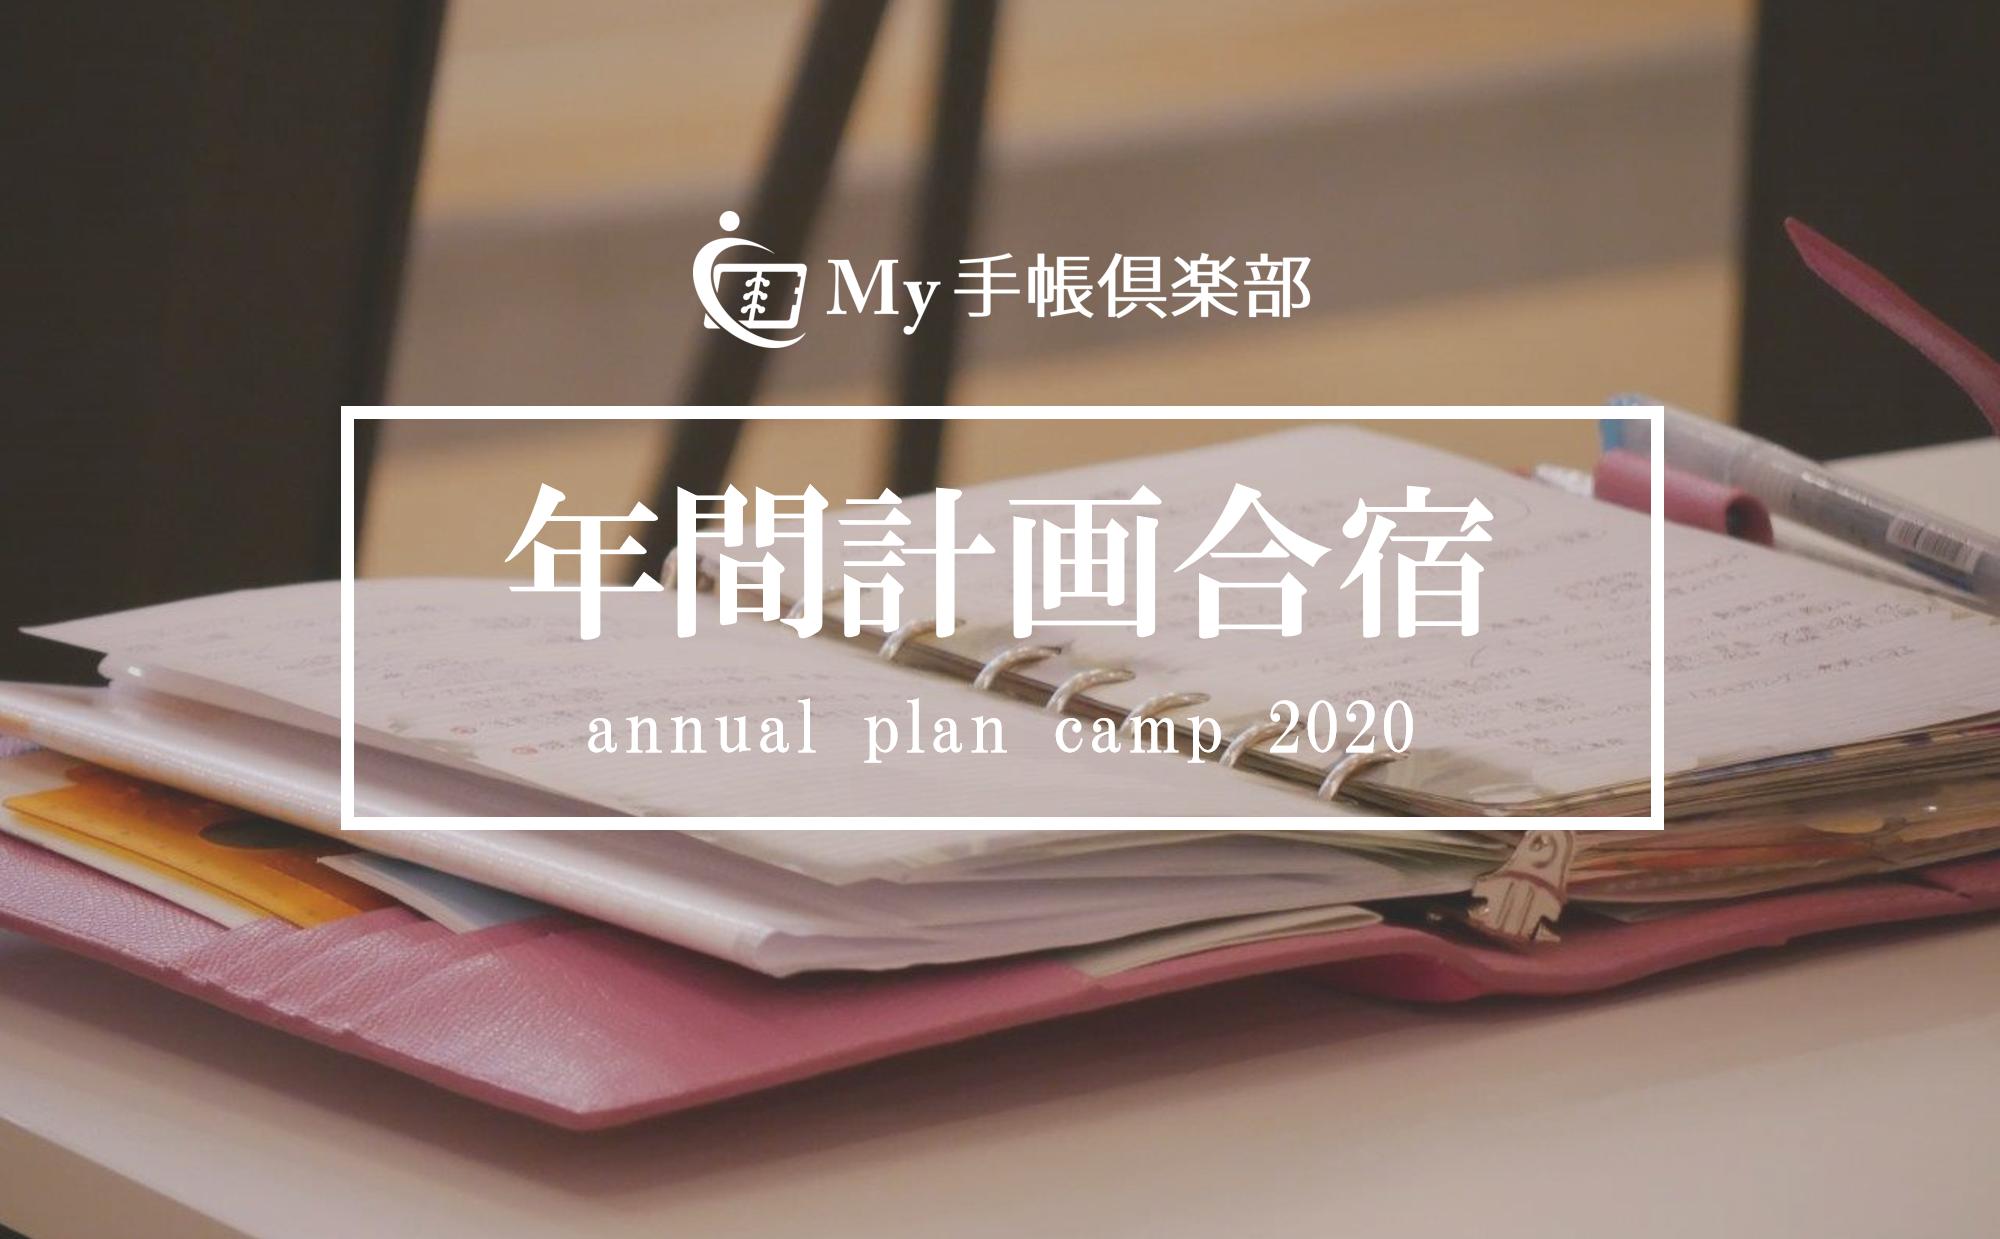 2020年に飛躍するための手帳総決算!『年間計画合宿』を開催します